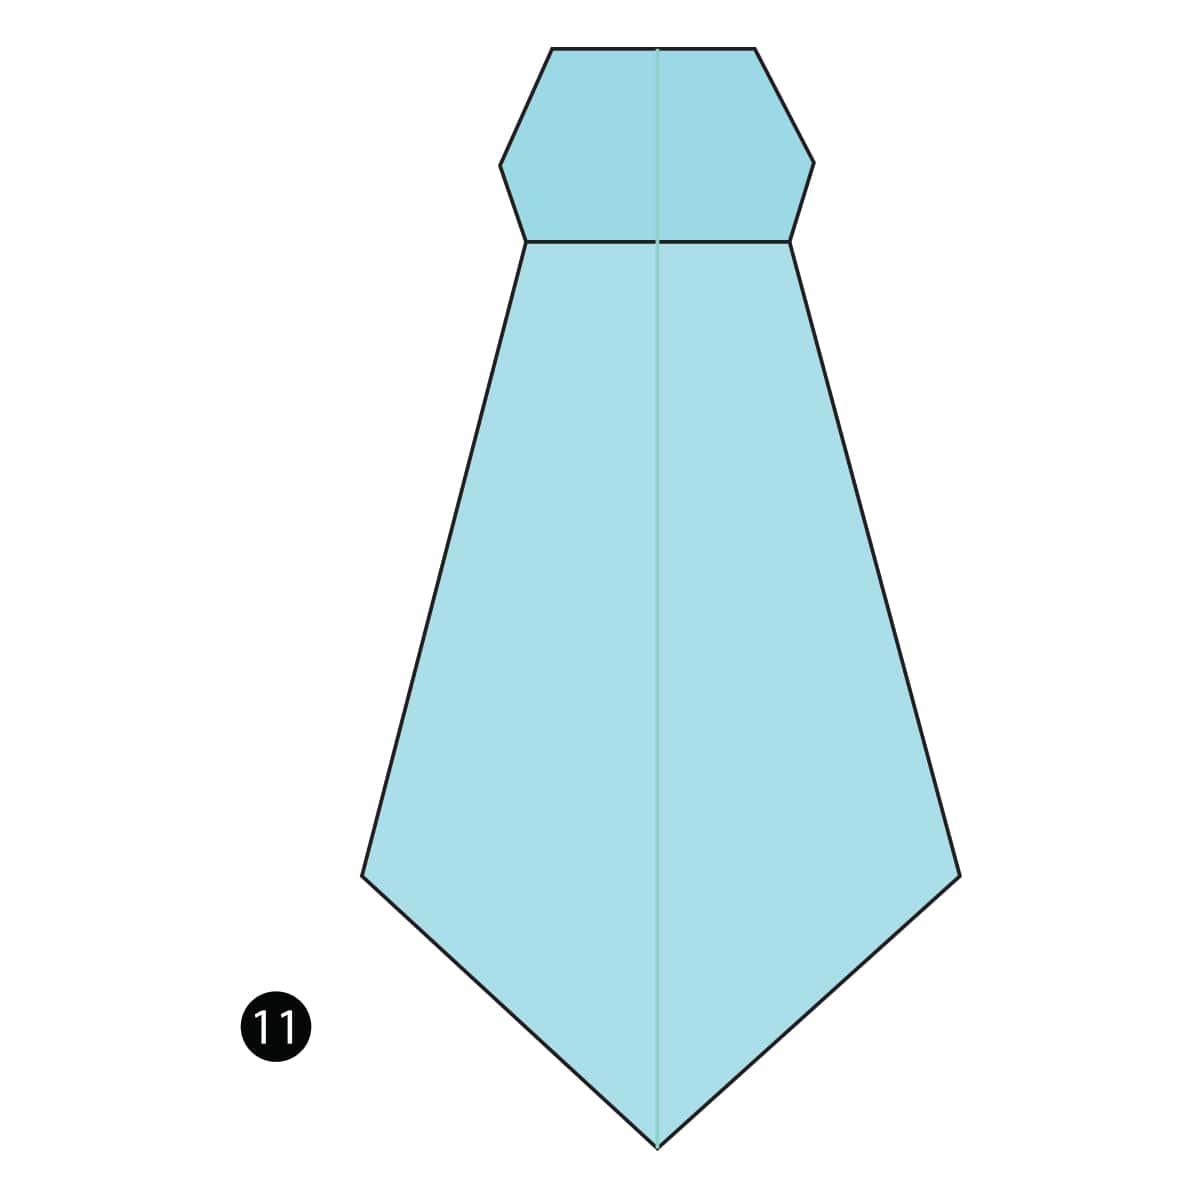 Necktie Step 11